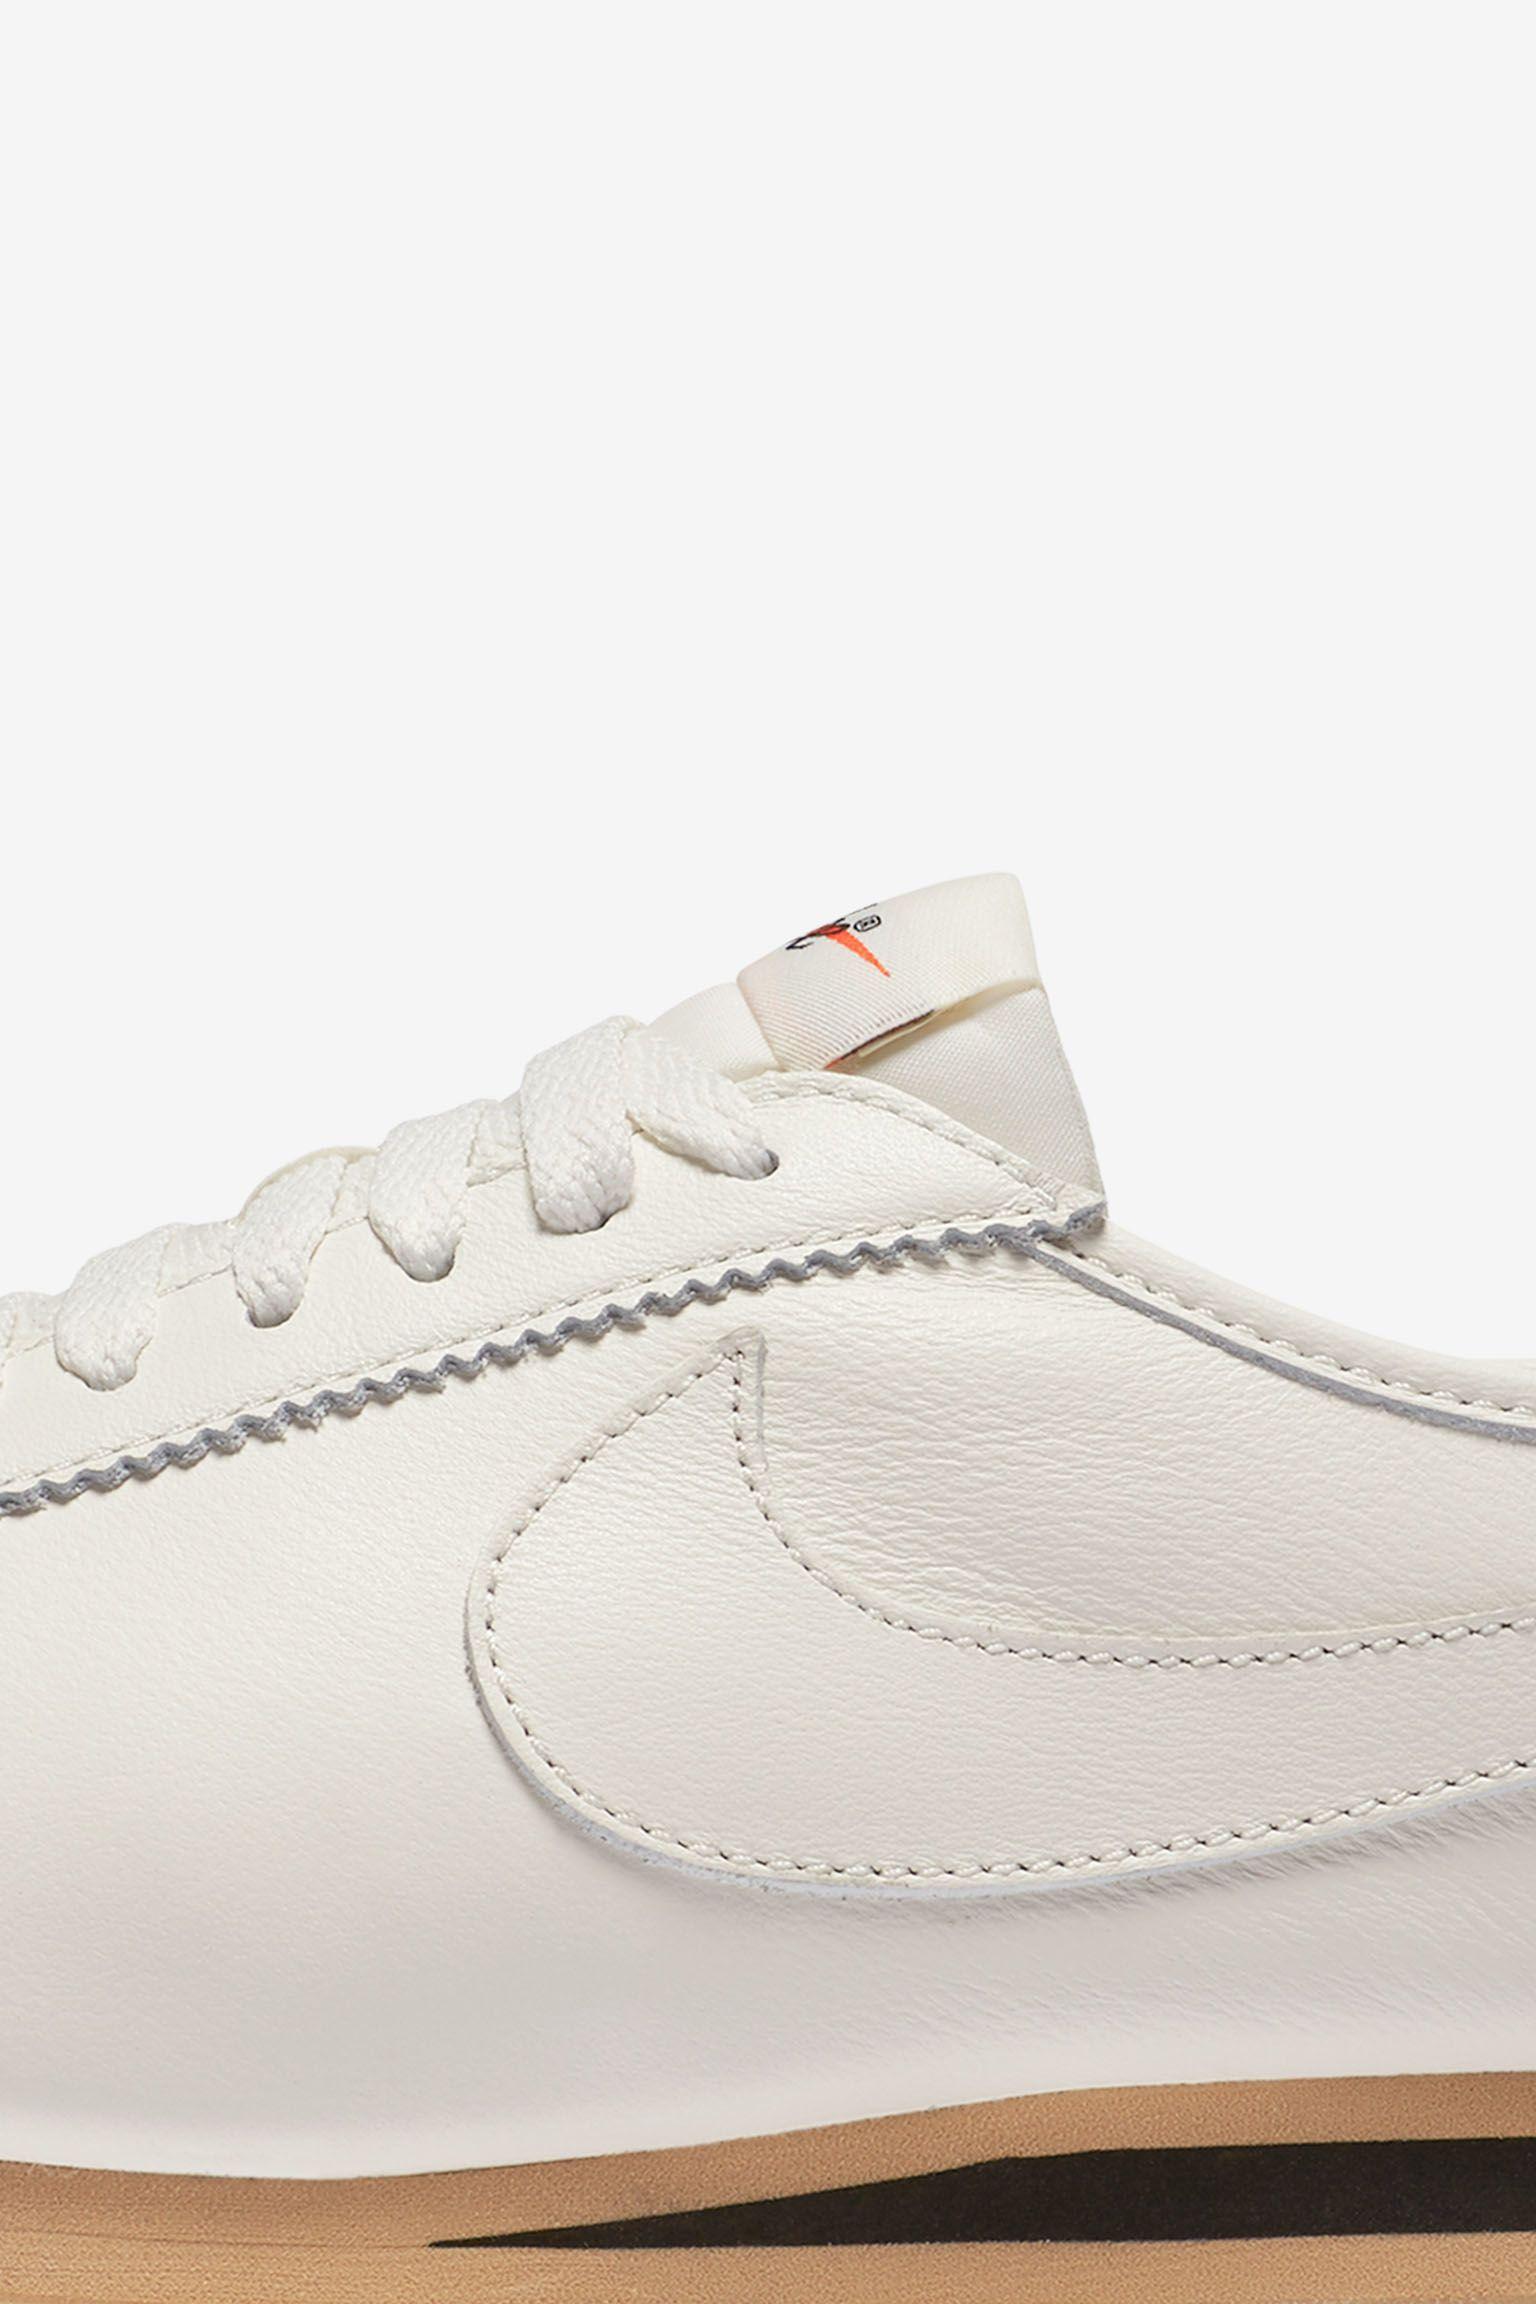 Women's Nike Cortez 72 'Swoosh Standard'